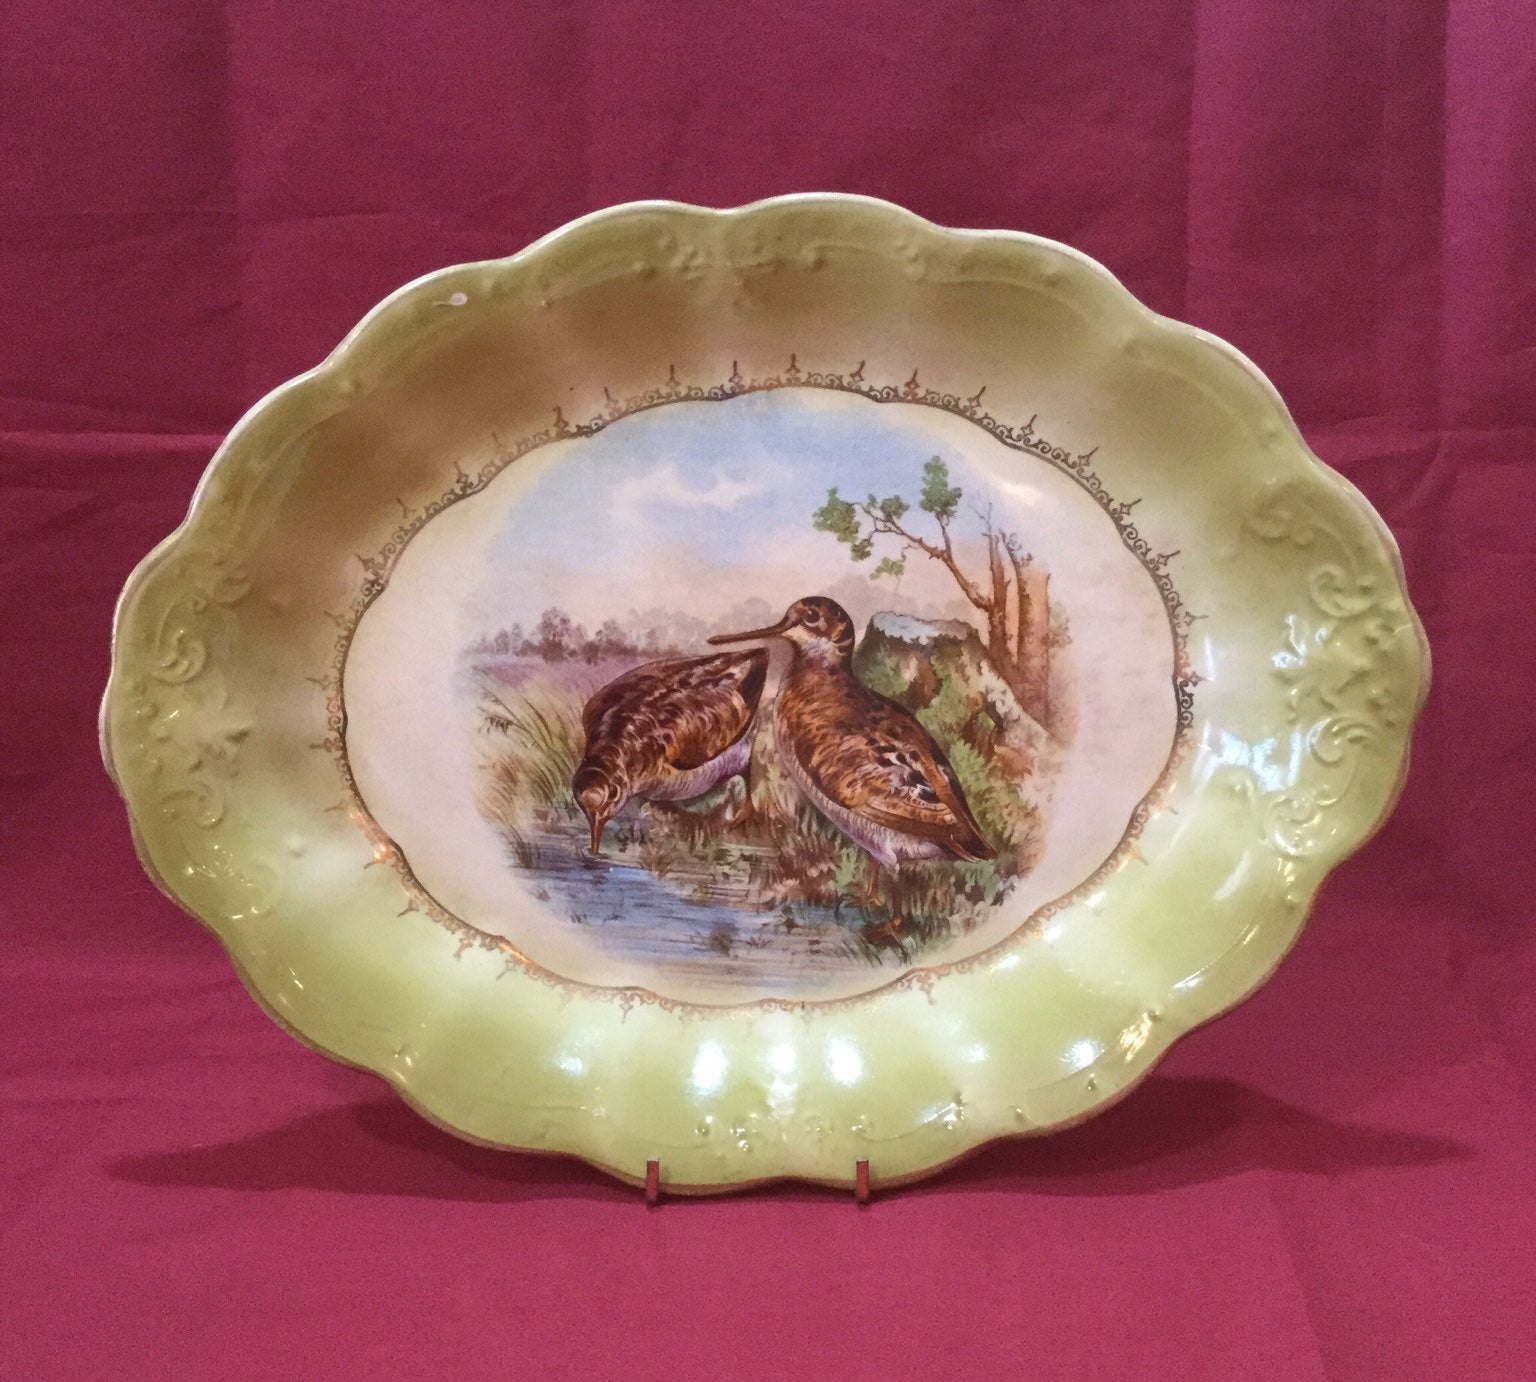 La Francaise Porcelain Platter